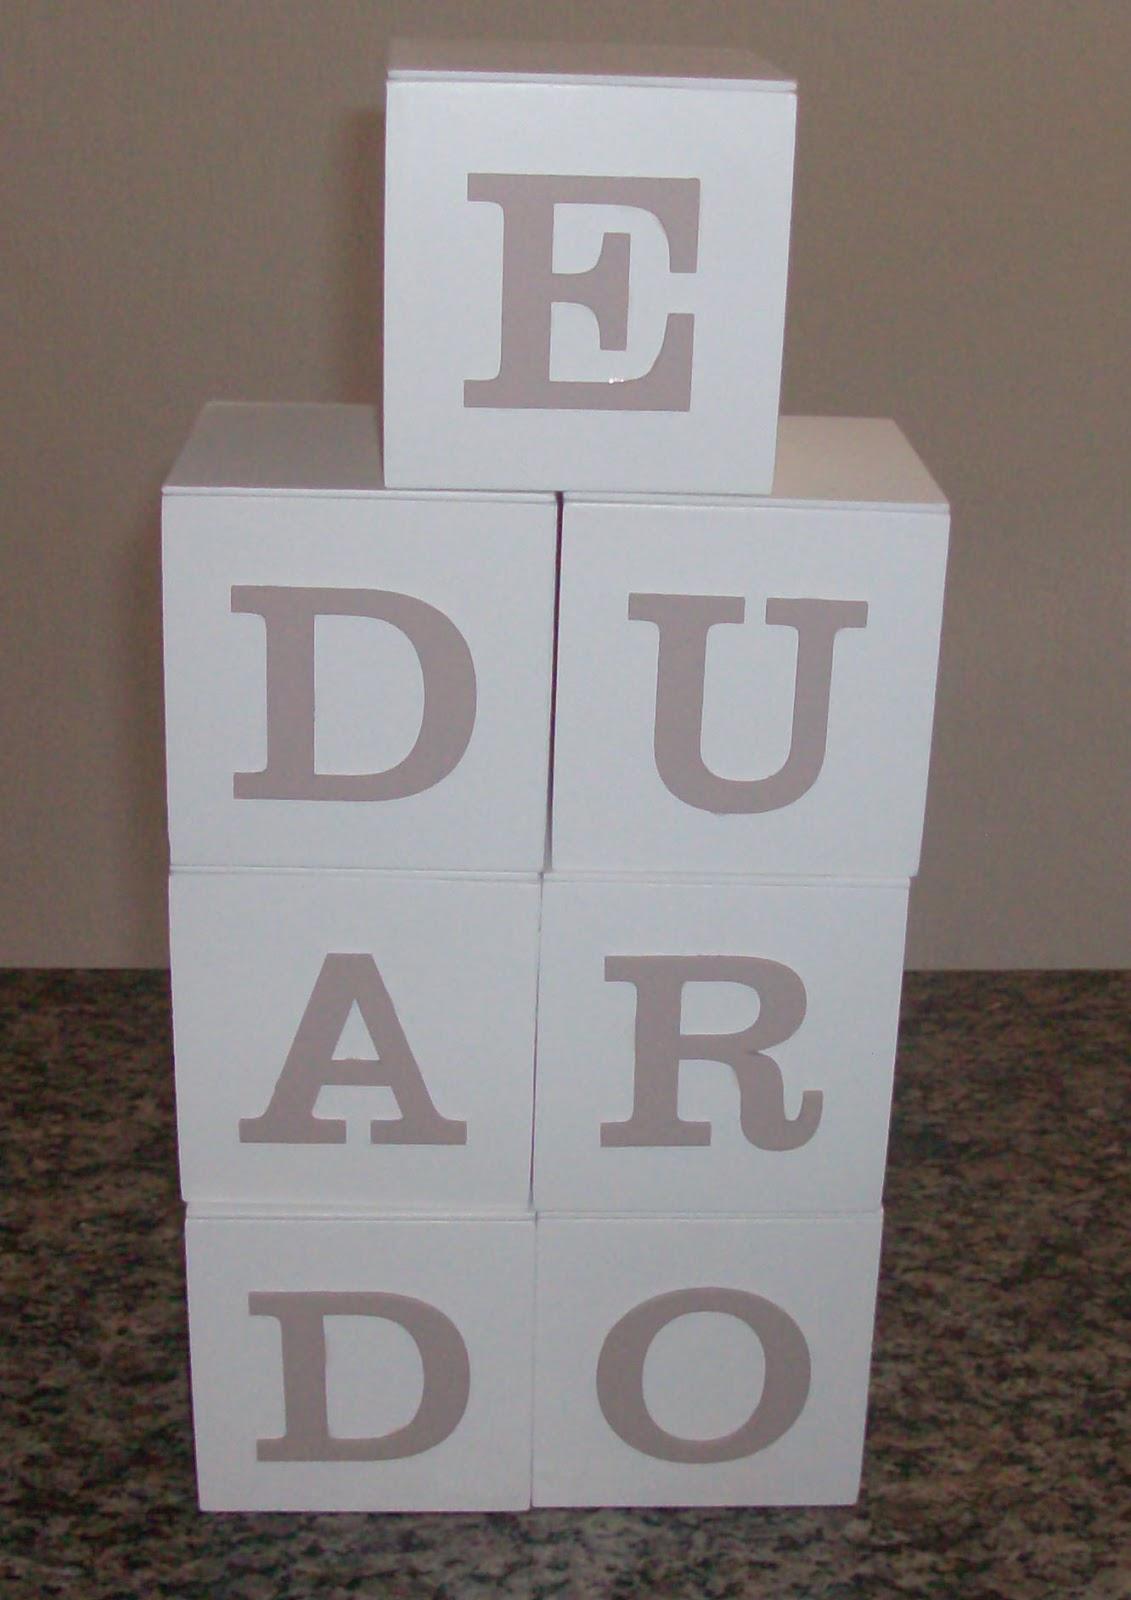 mossoro arte em mdf cubos porte treco em mdf. Black Bedroom Furniture Sets. Home Design Ideas